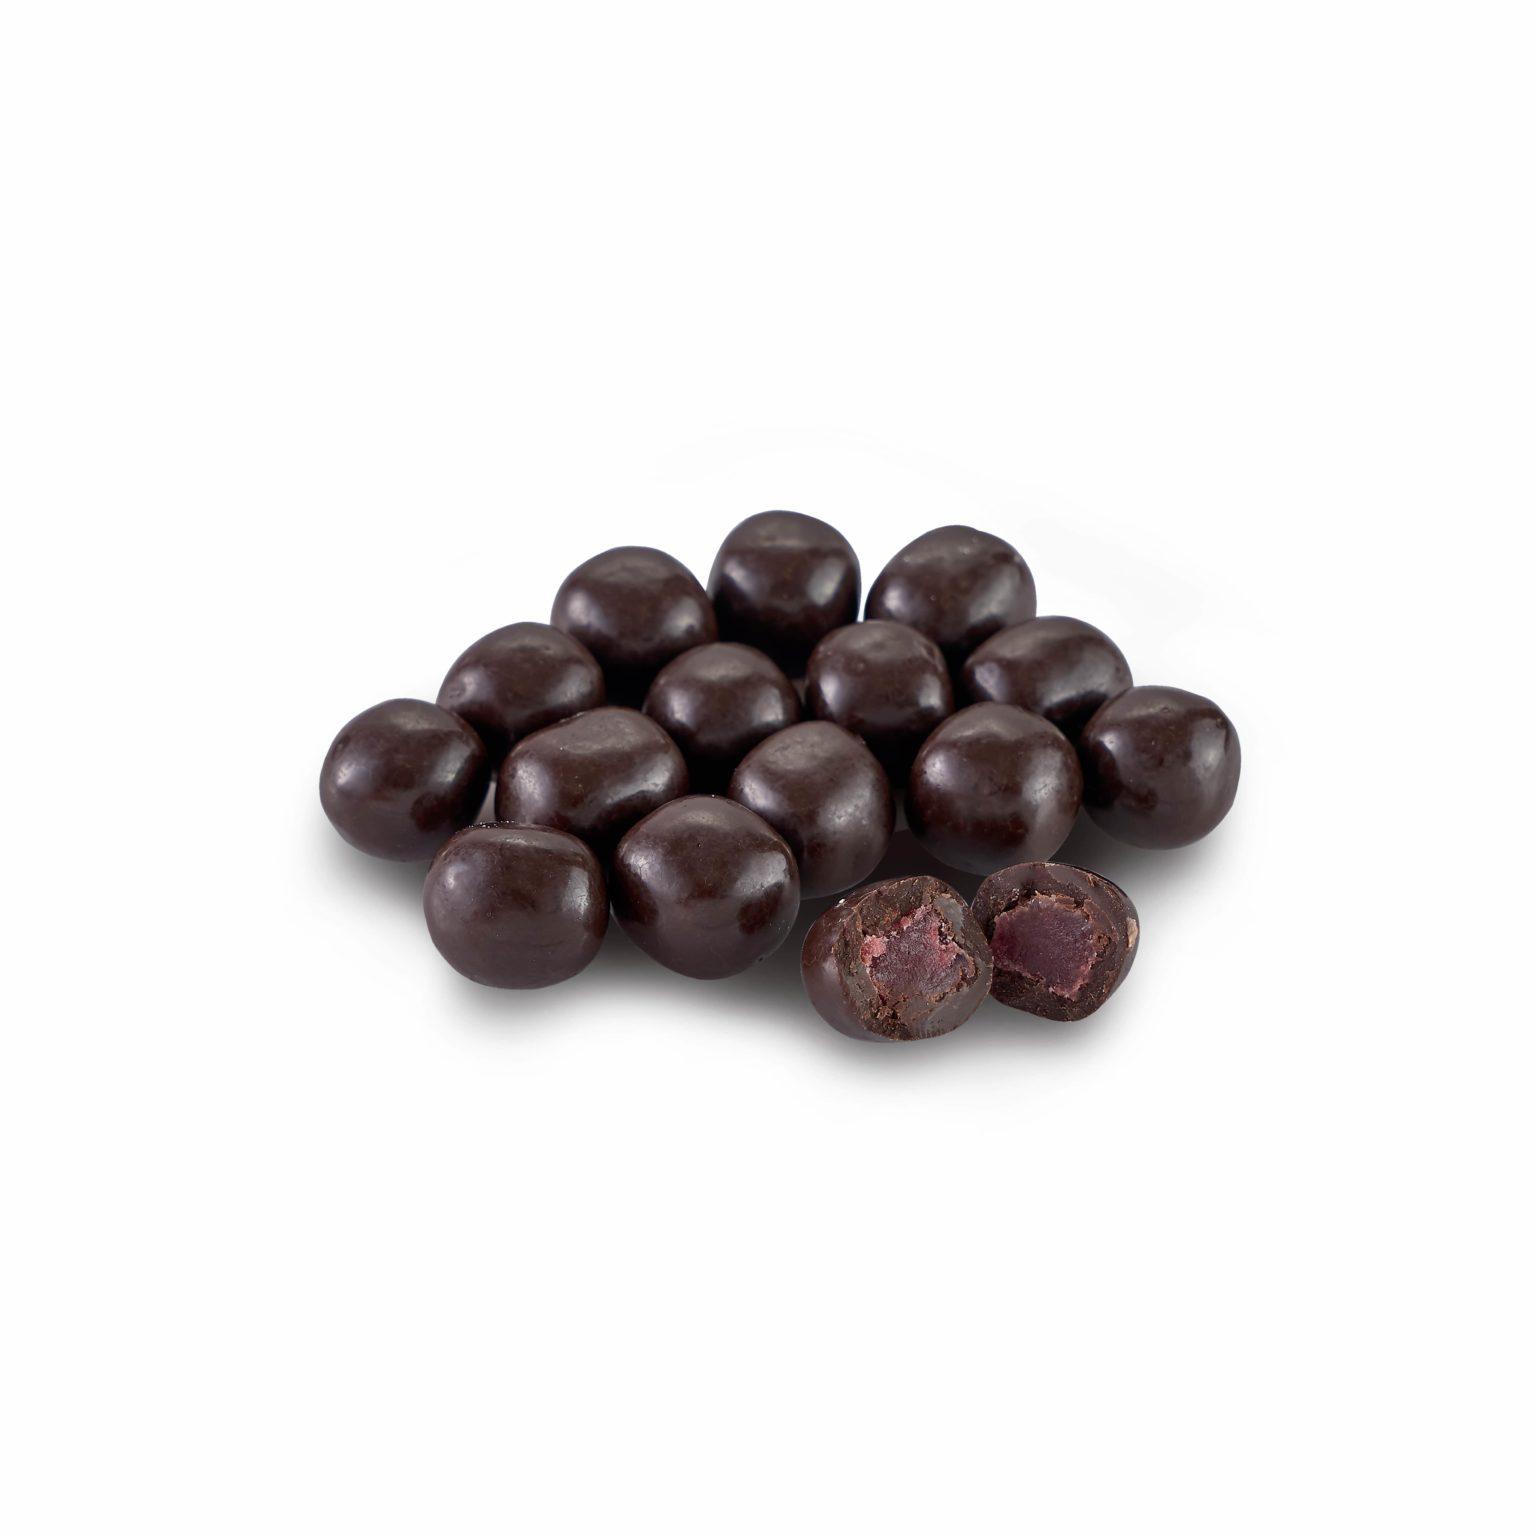 Шоколадное драже «Инжир» - фото 2